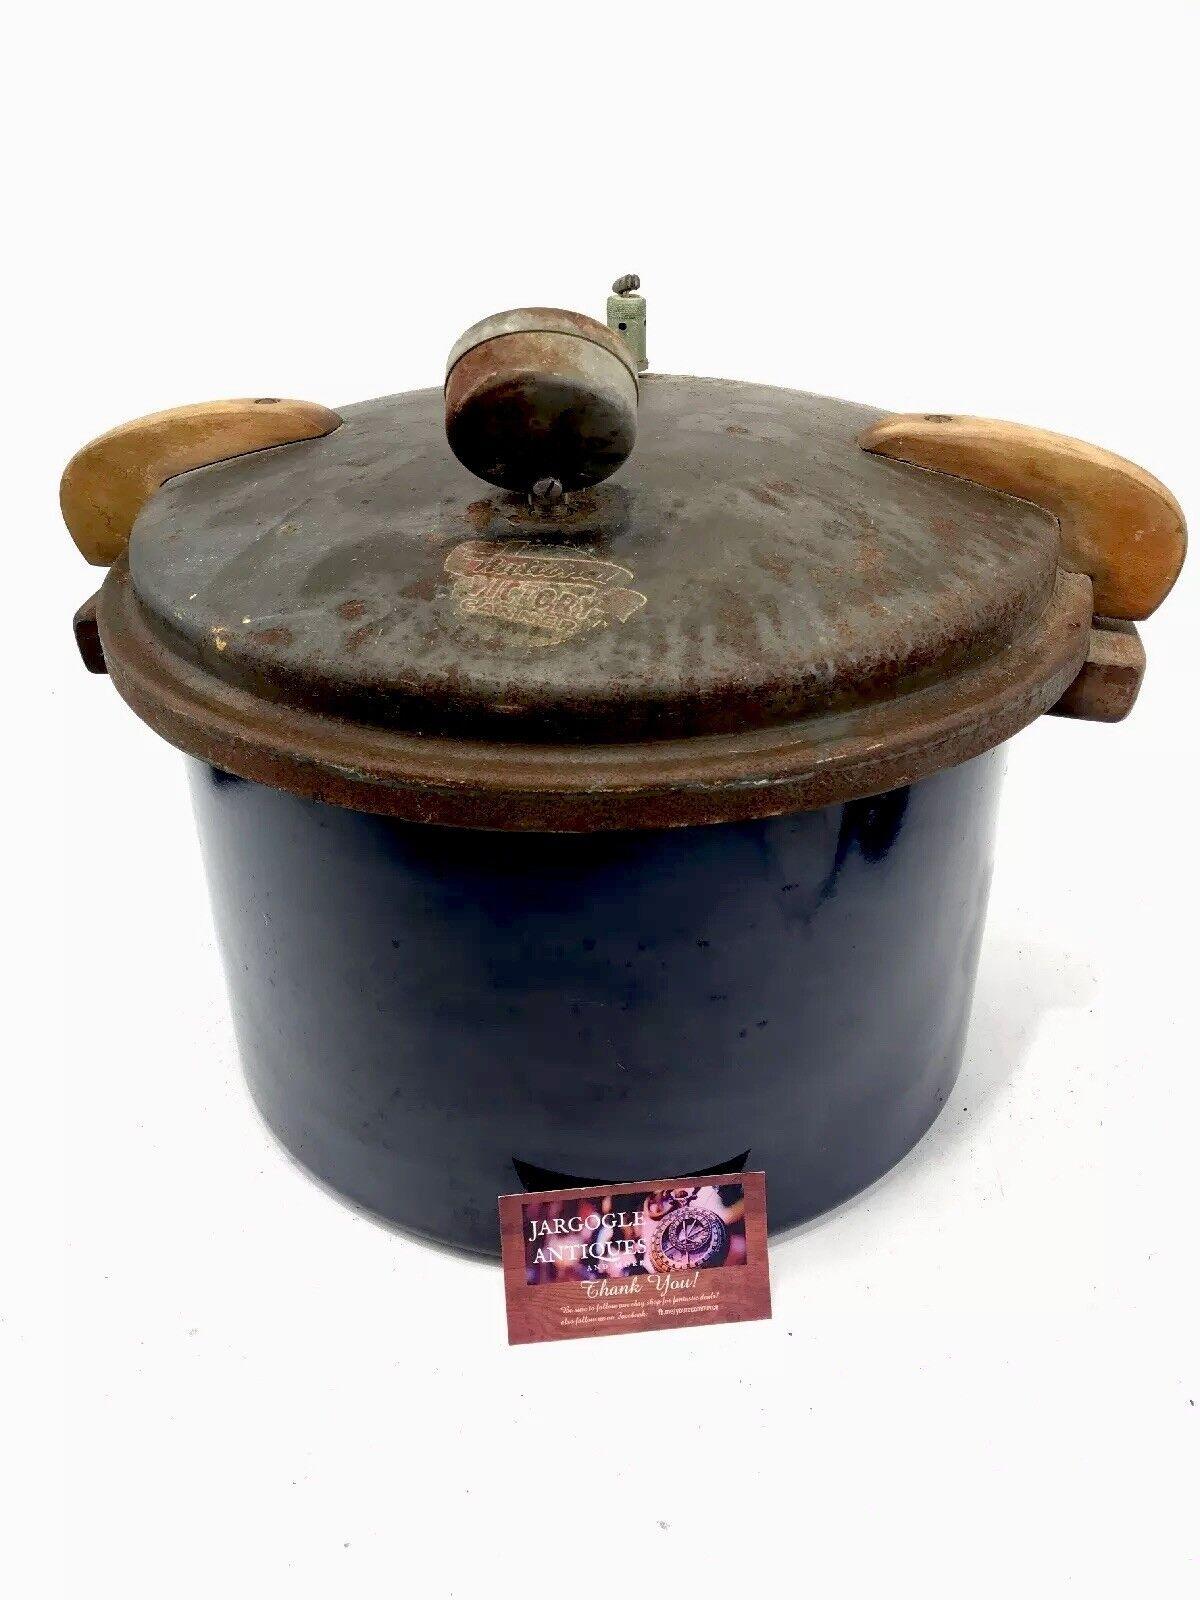 Vintage 1942 bleu porcelaine Enamel National Victory Autocuiseur CANNER ARMCO